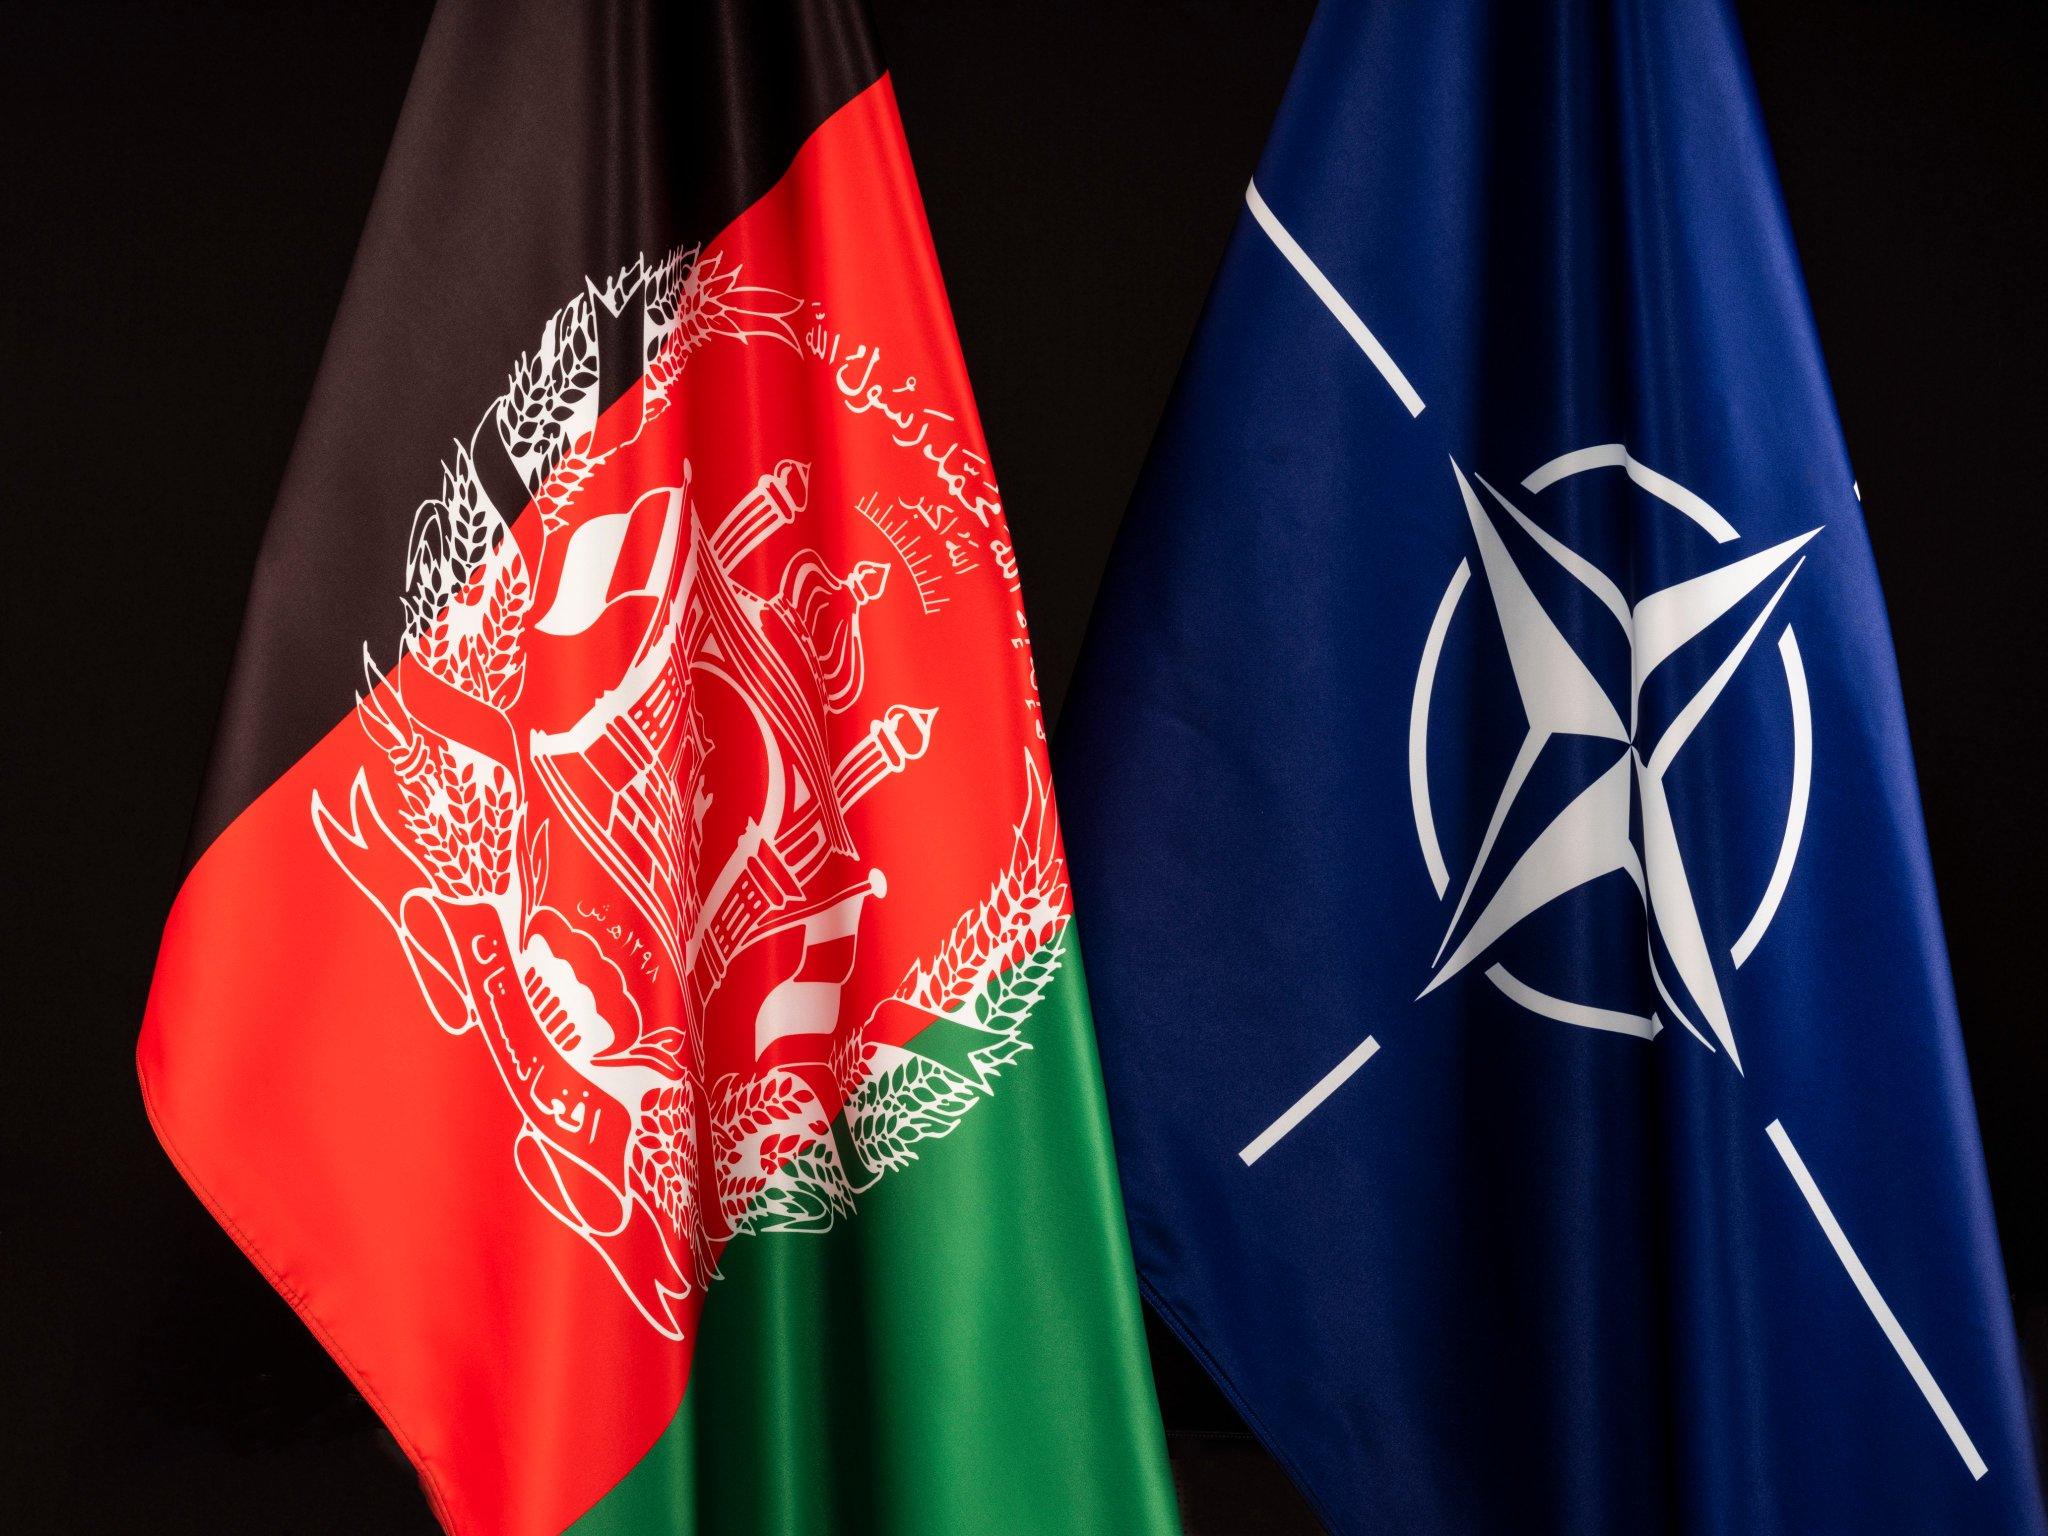 مكافحة الإرهاب ـ بالتفاصيل، تكاليف مهمة الجيش الألماني في أفغانستان